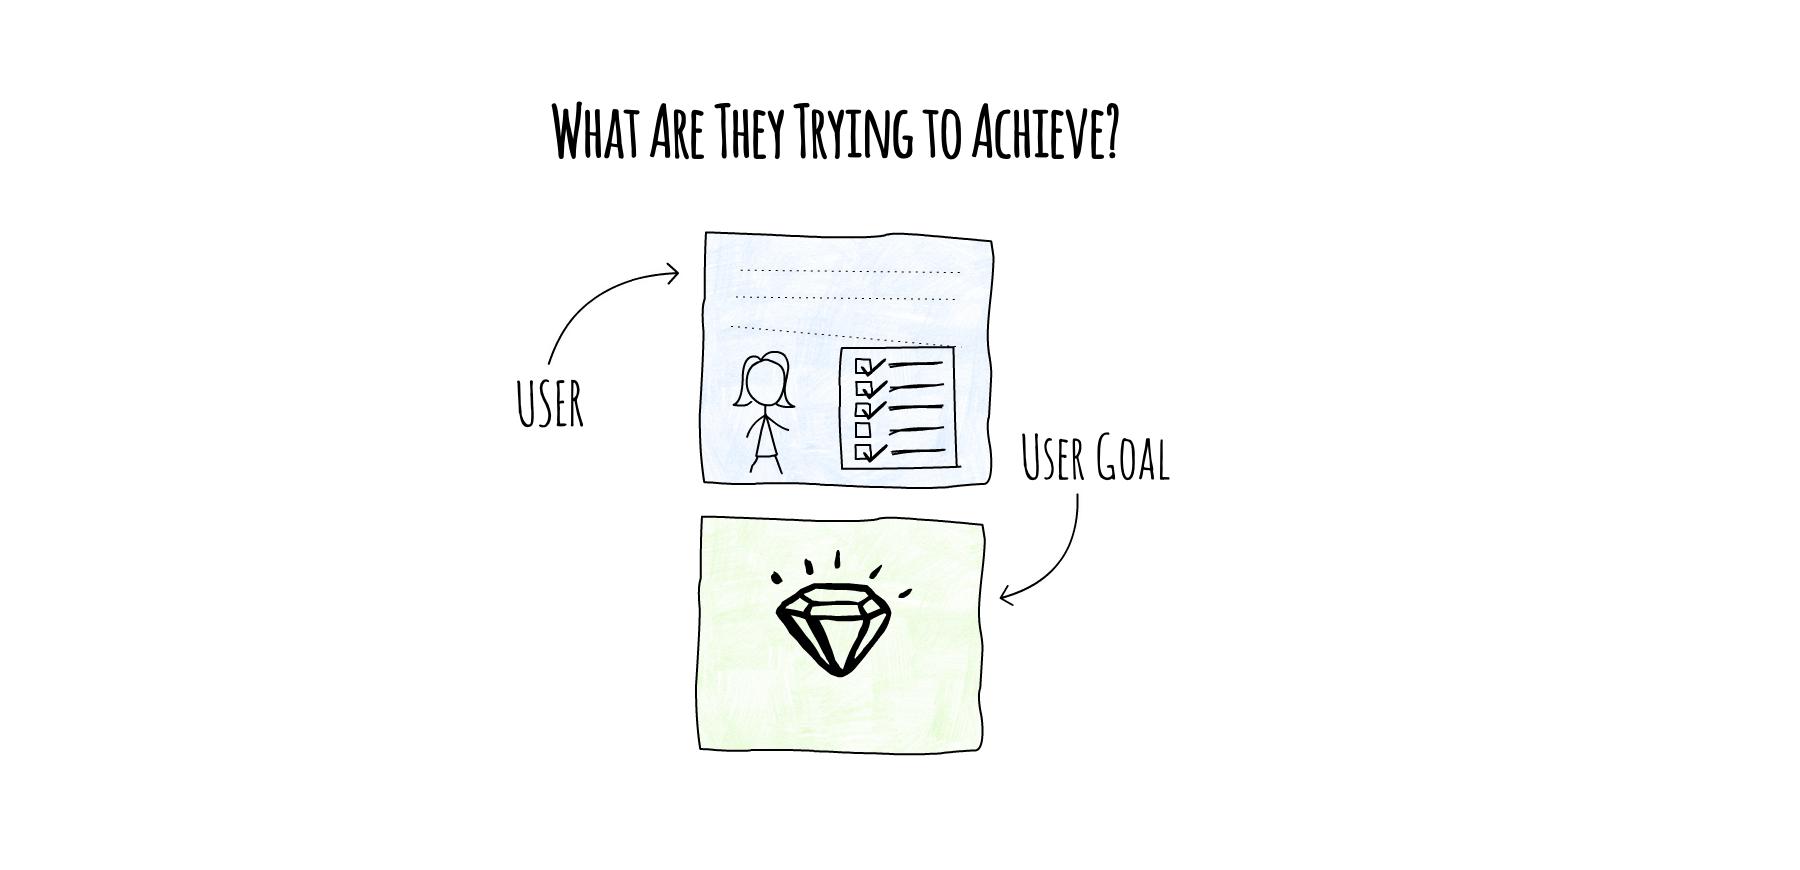 User Goal